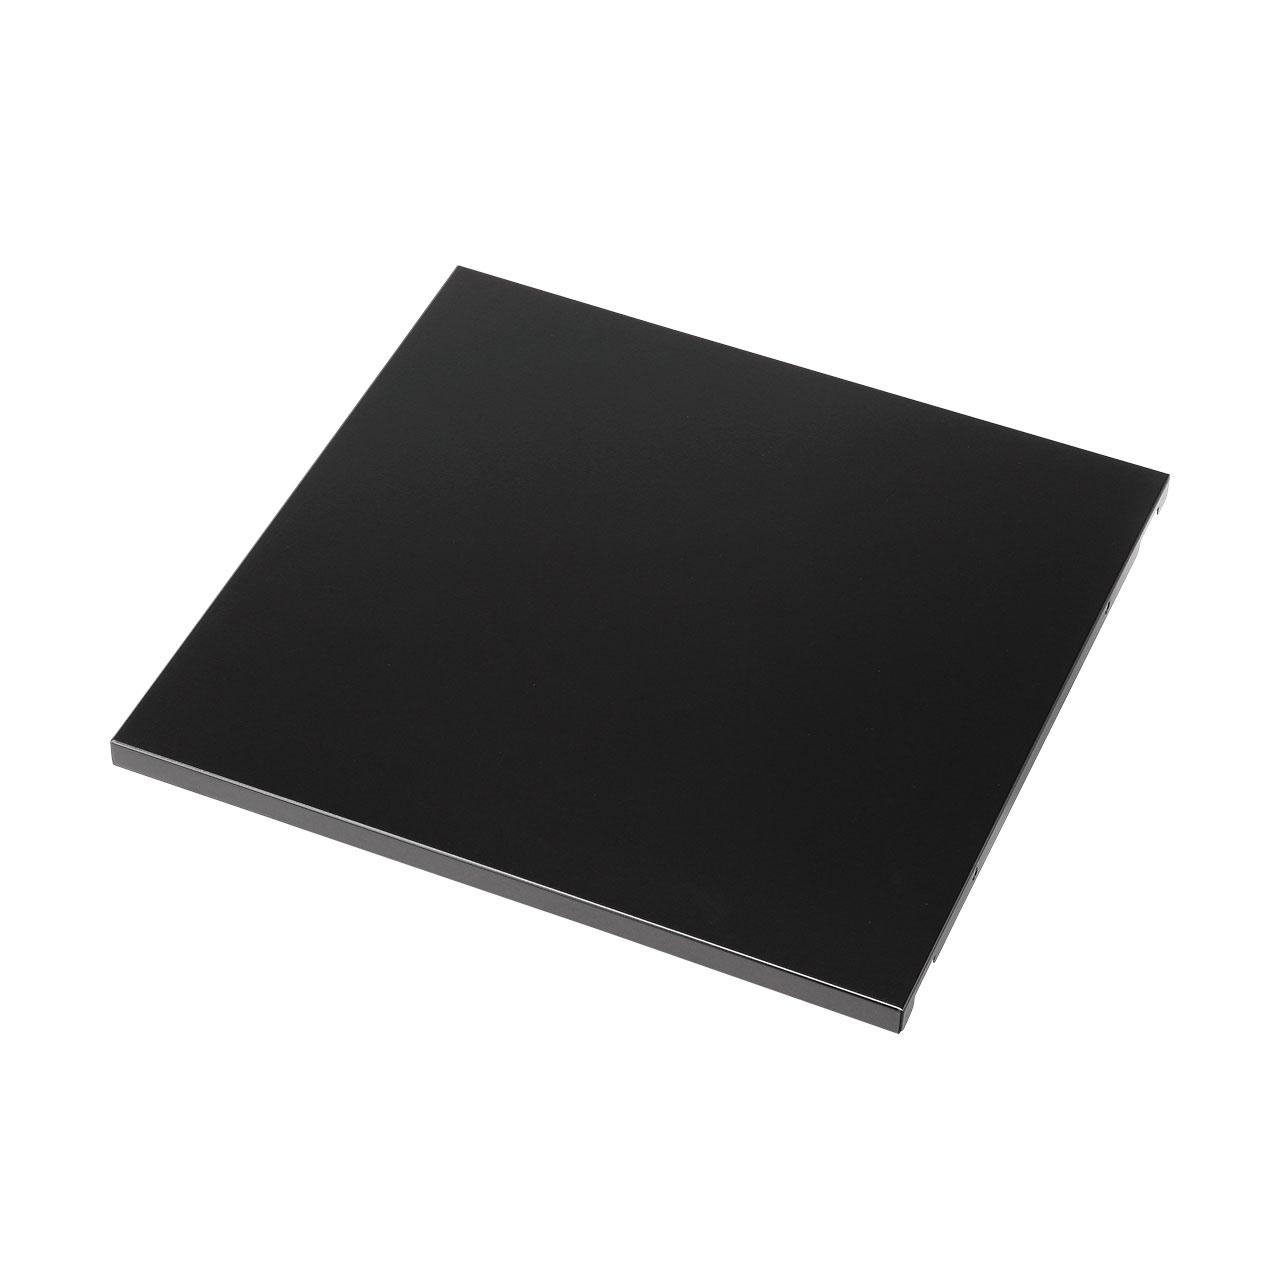 中棚(CP-SBOXシリーズ用)商品画像